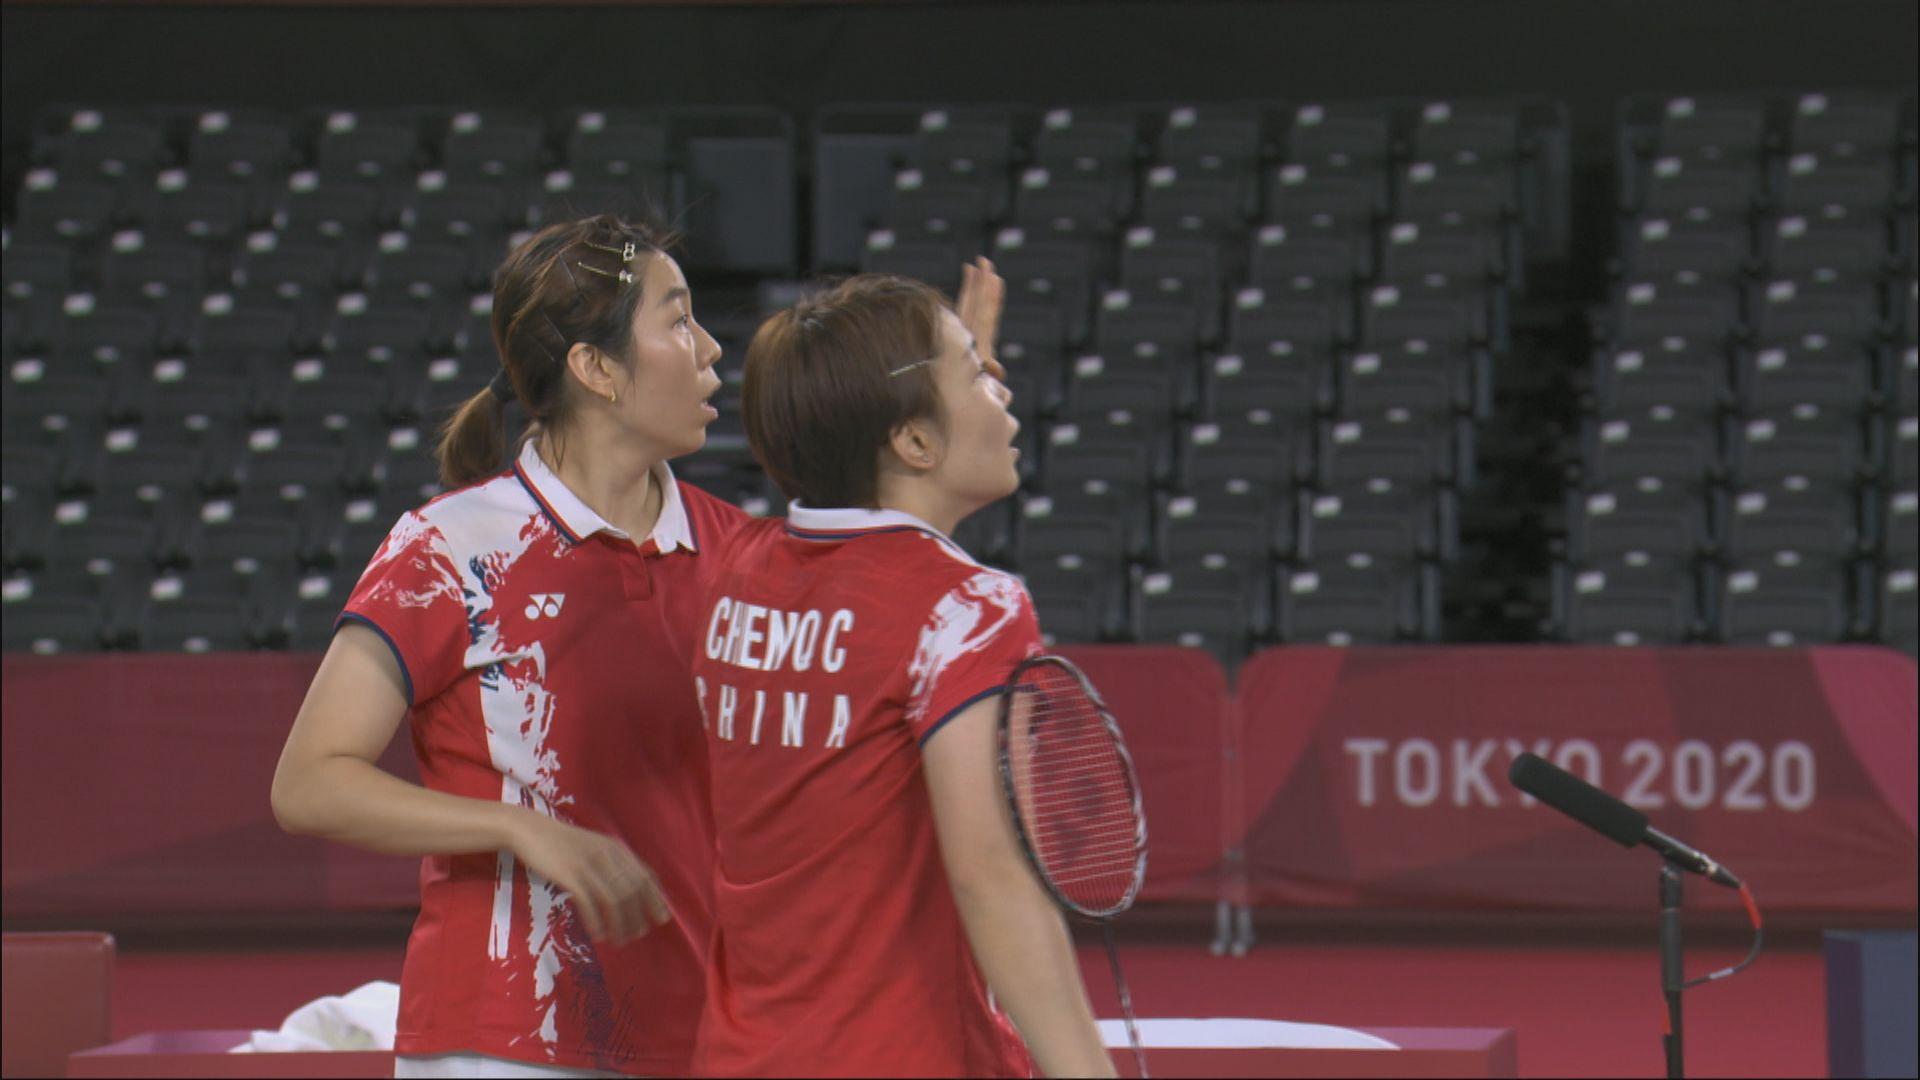 奧運羽毛球女雙 國家隊賈一凡陳清晨不敵印尼組合得銀牌